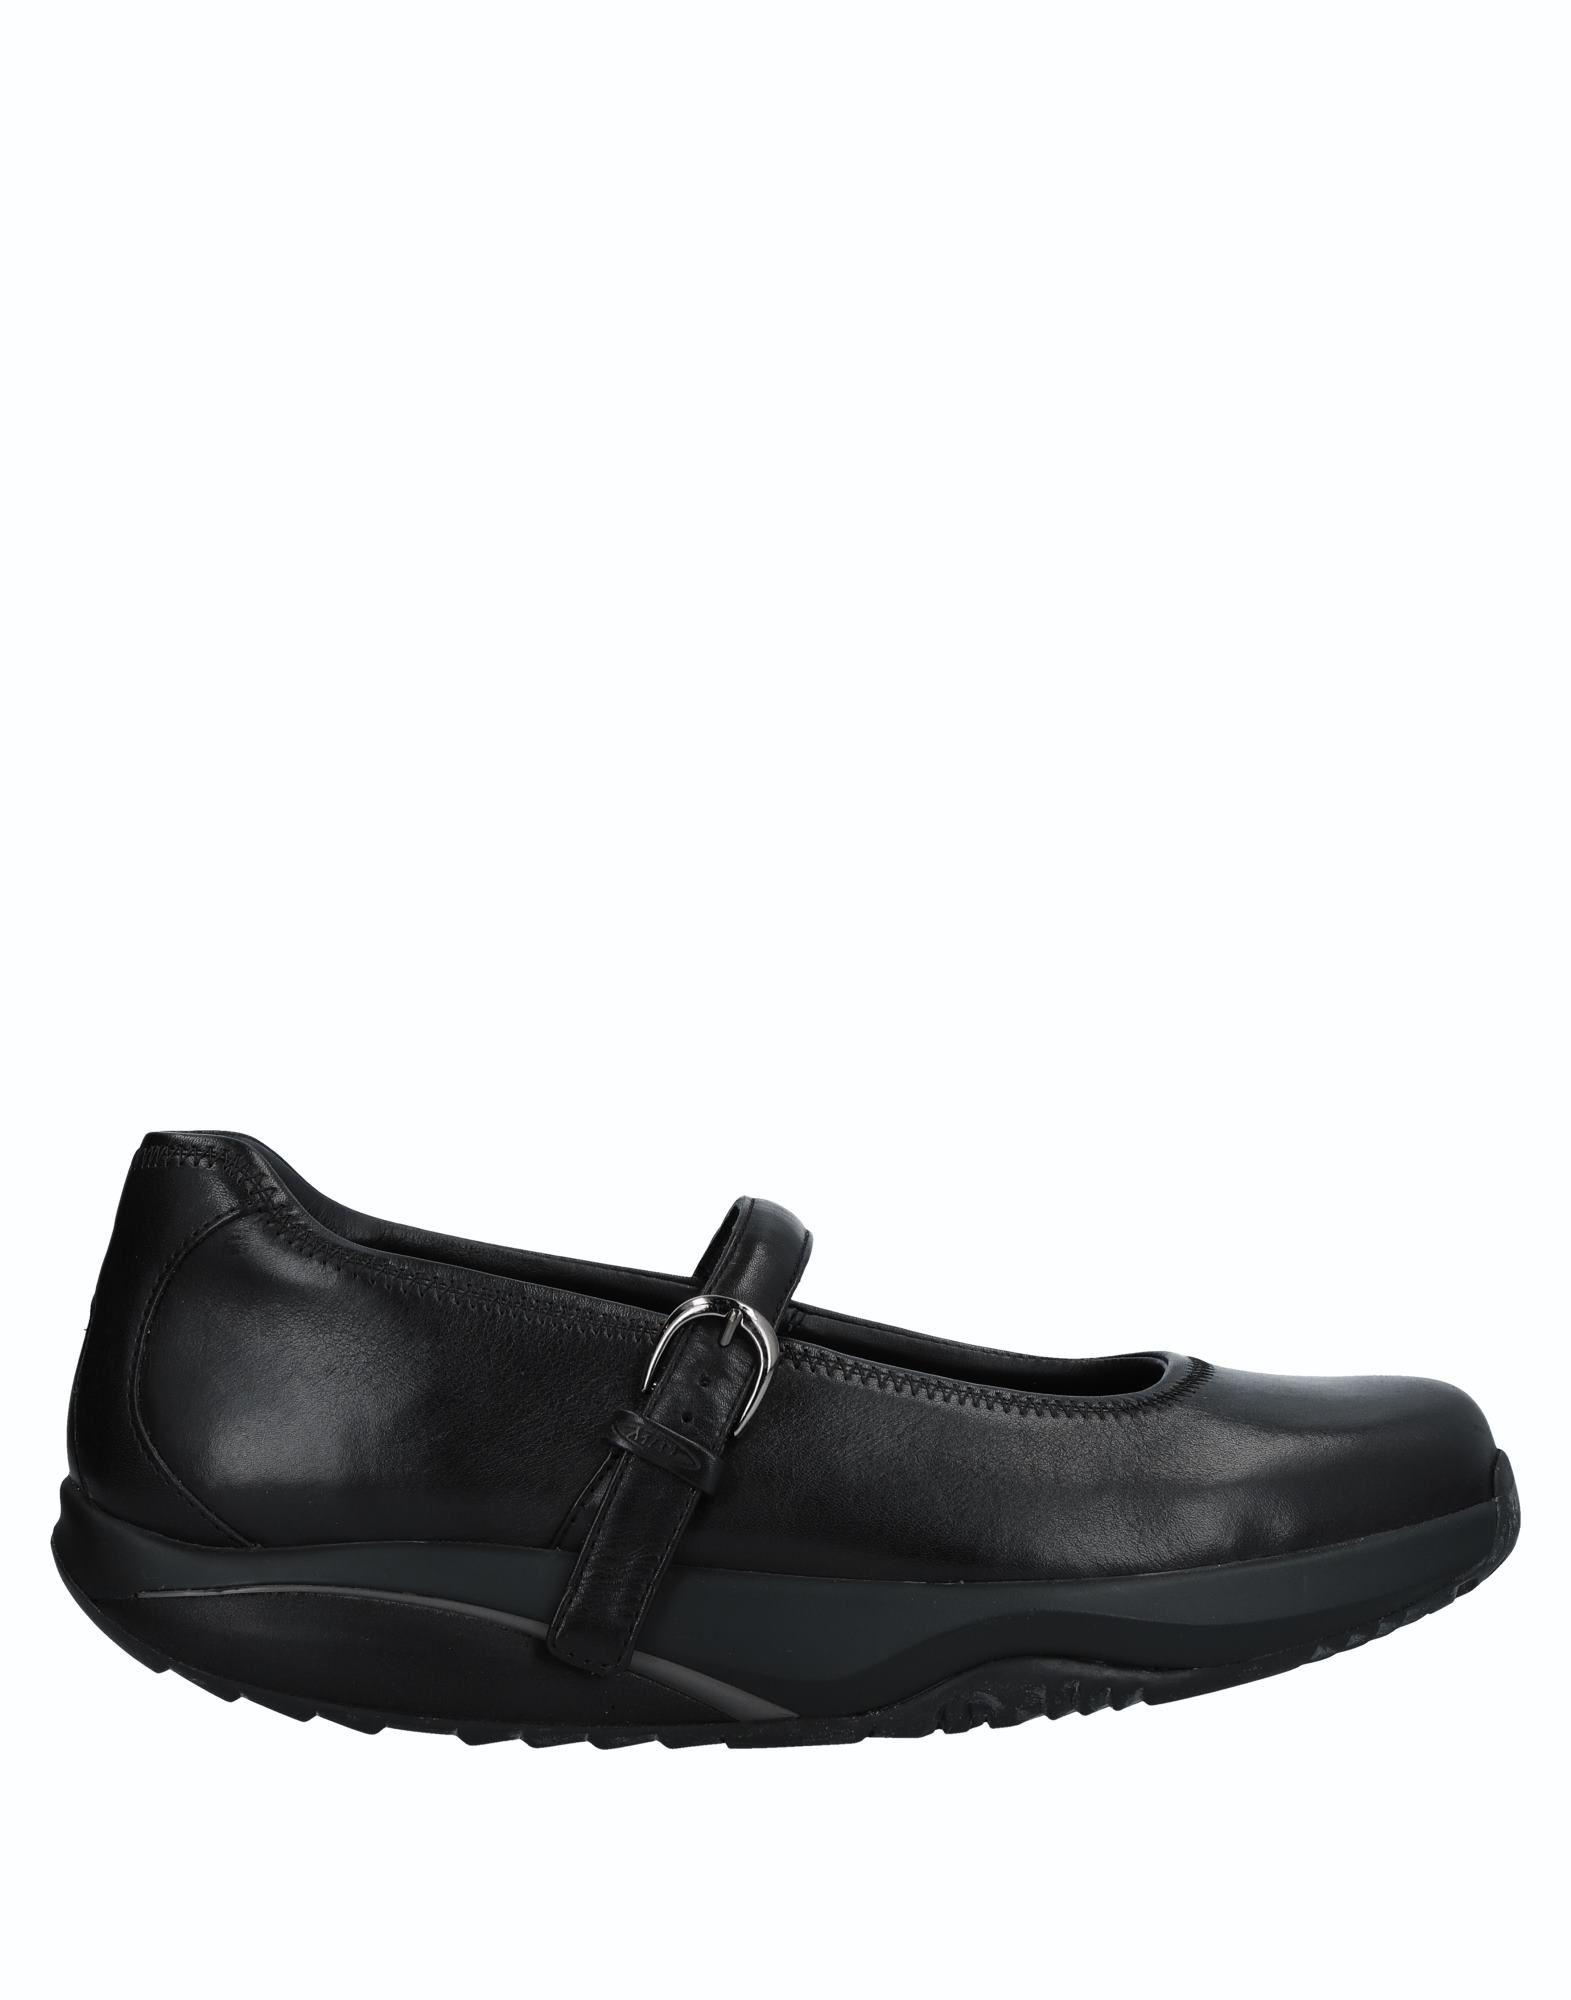 Stilvolle billige Schuhe Mbt Ballerinas Damen  11524250QX